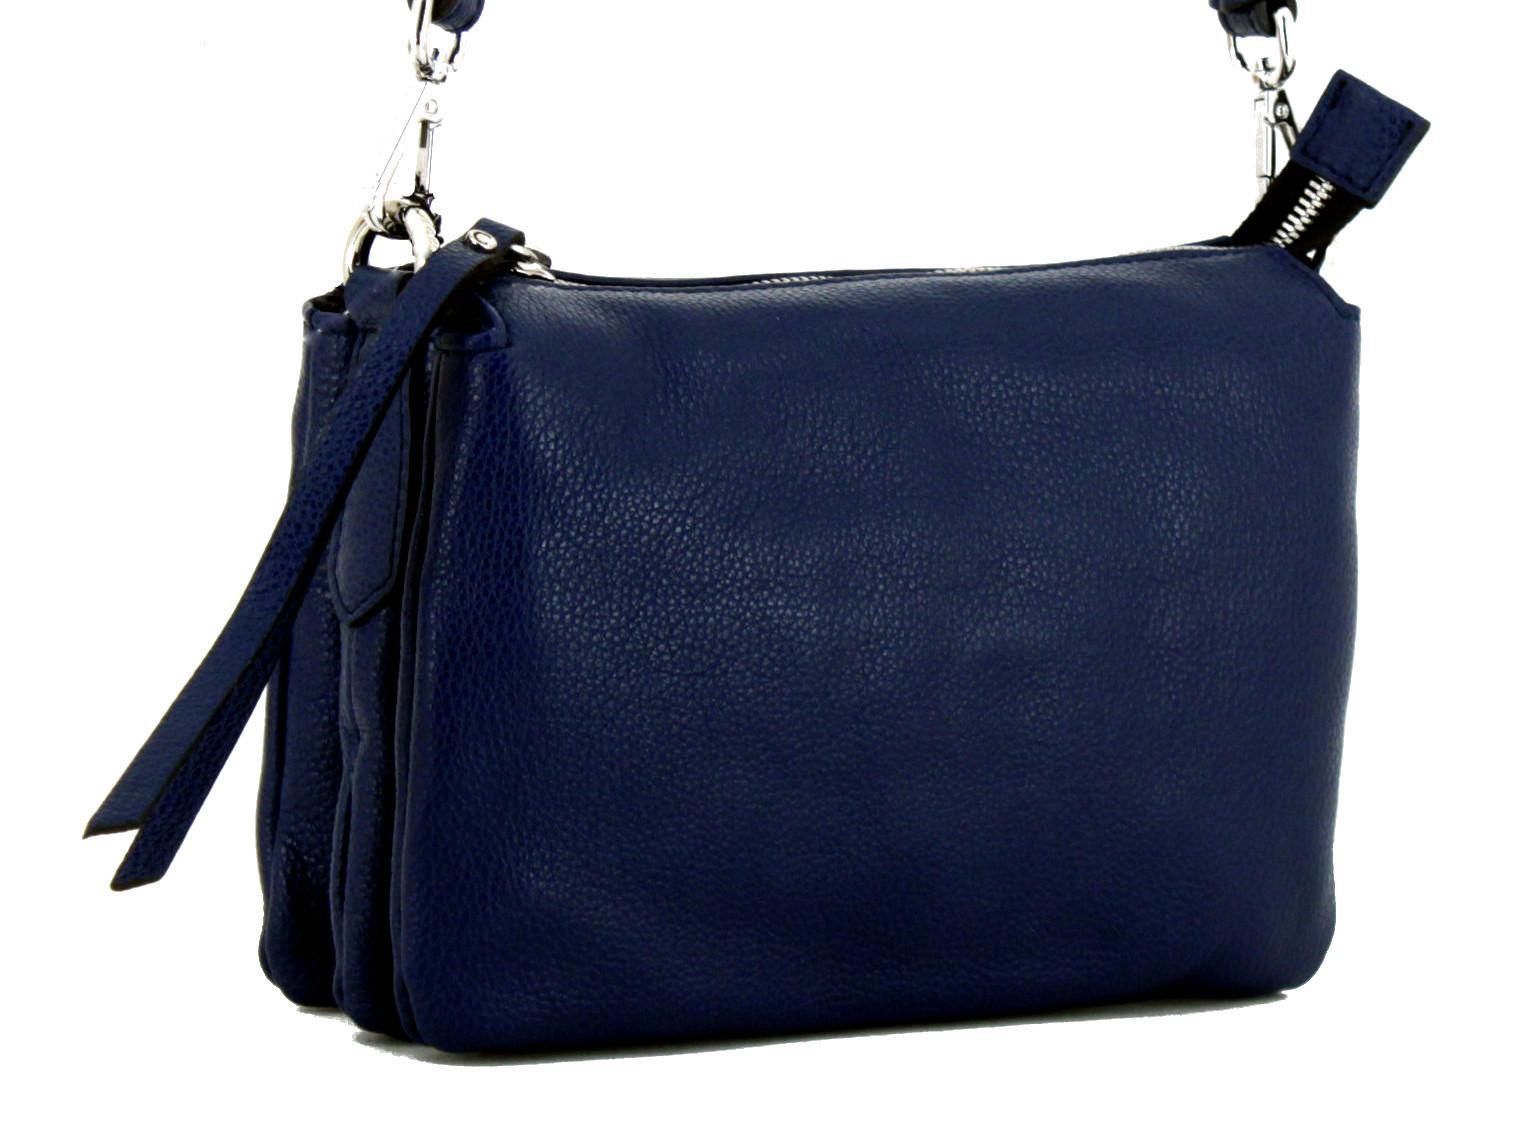 9c7589e0f180f Abendtasche Three Gianni Chiarini Klein Blue dunkelblau - Bags   more